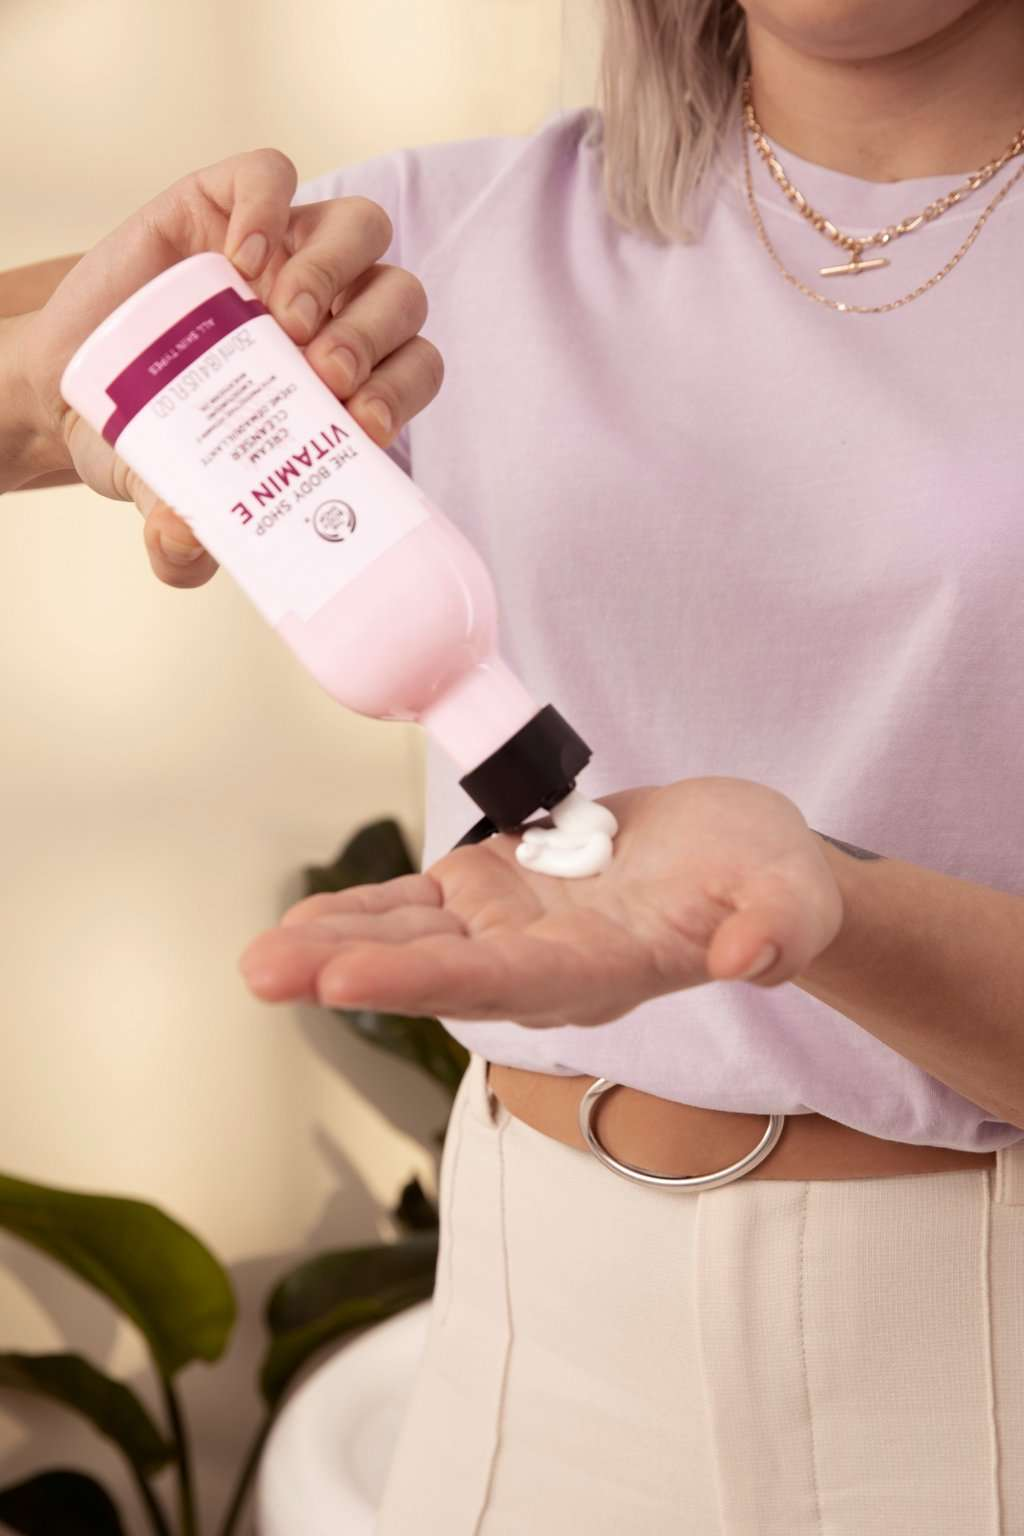 Une femme versant de la crème nettoyante d'une bouteille